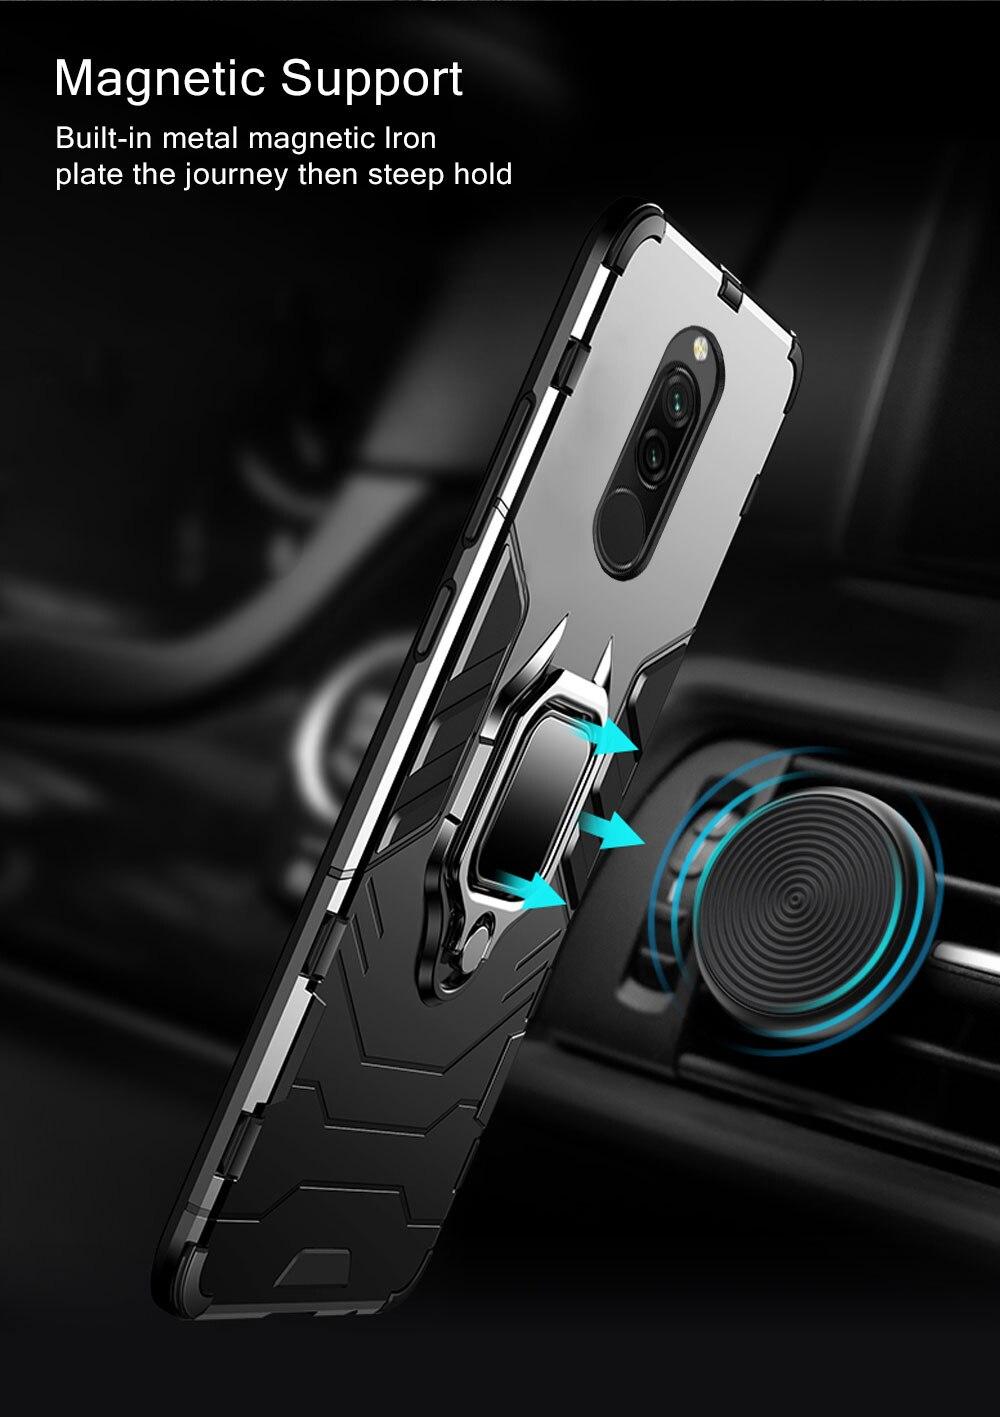 Hae9a8b8595524960ab9f96367040cf94H Armor Case for Redmi 8 8A Case Magnetic Car Phone Holder TPU+PC Bumper Cover on for Xiaomi Redmi 8 8A 8 A Global Version Case